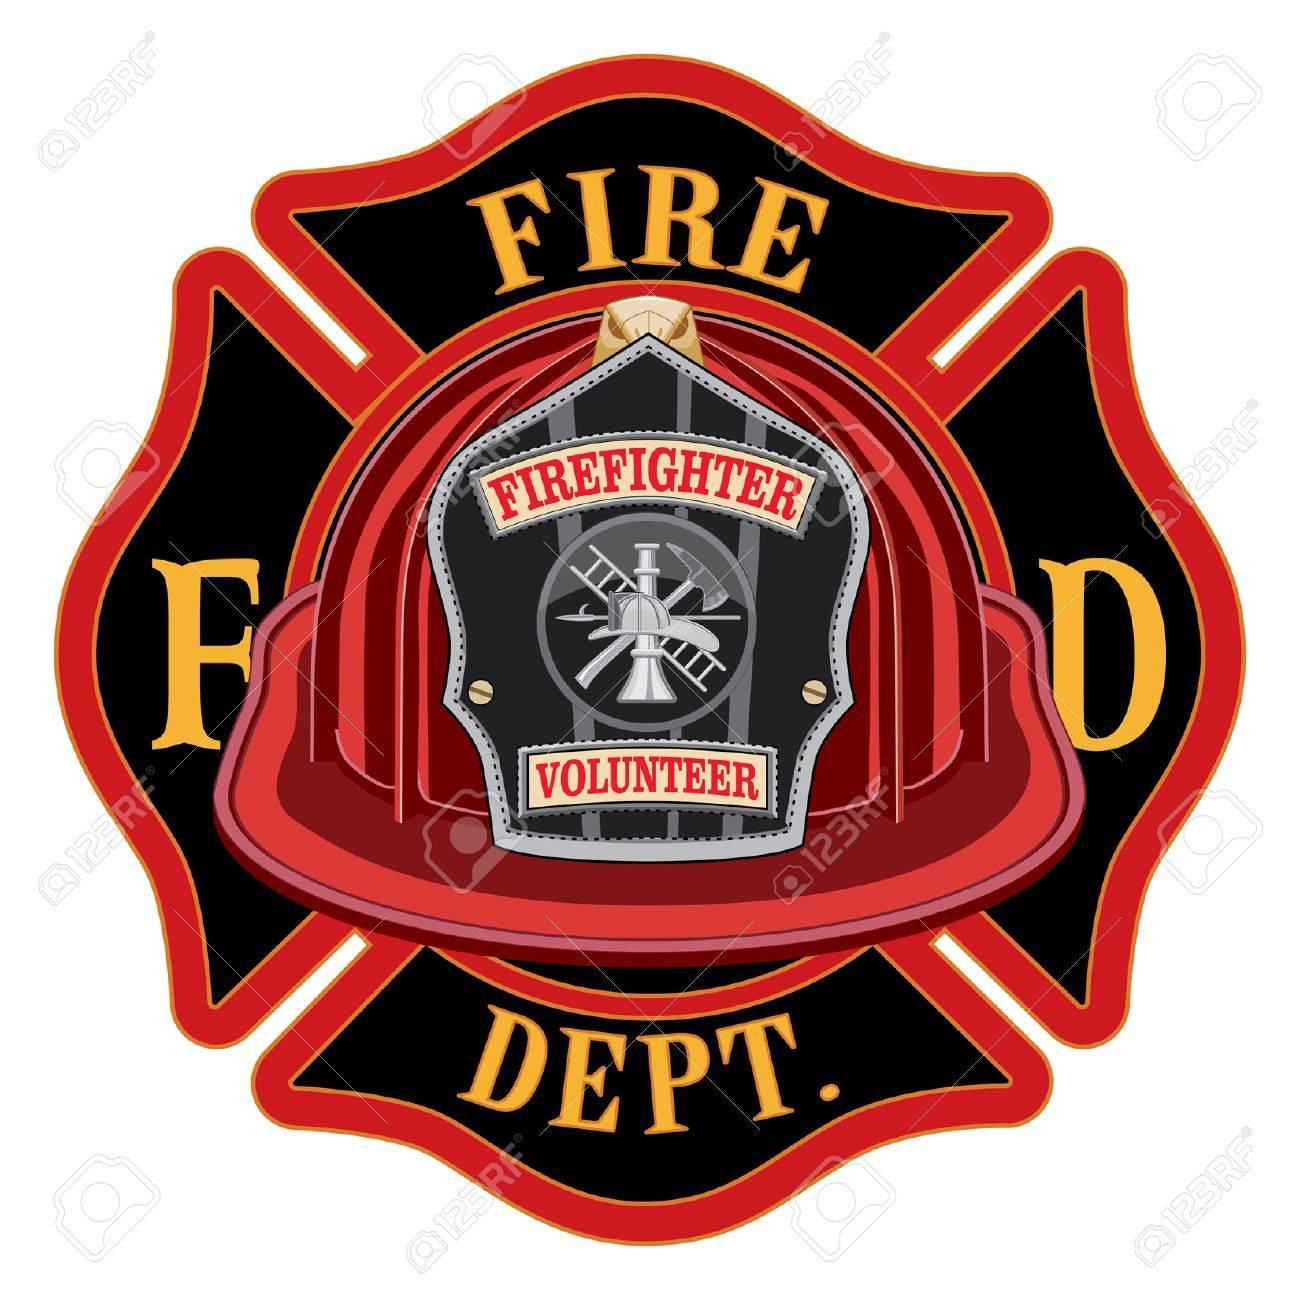 fire department cross volunteer red helmet is an illustration